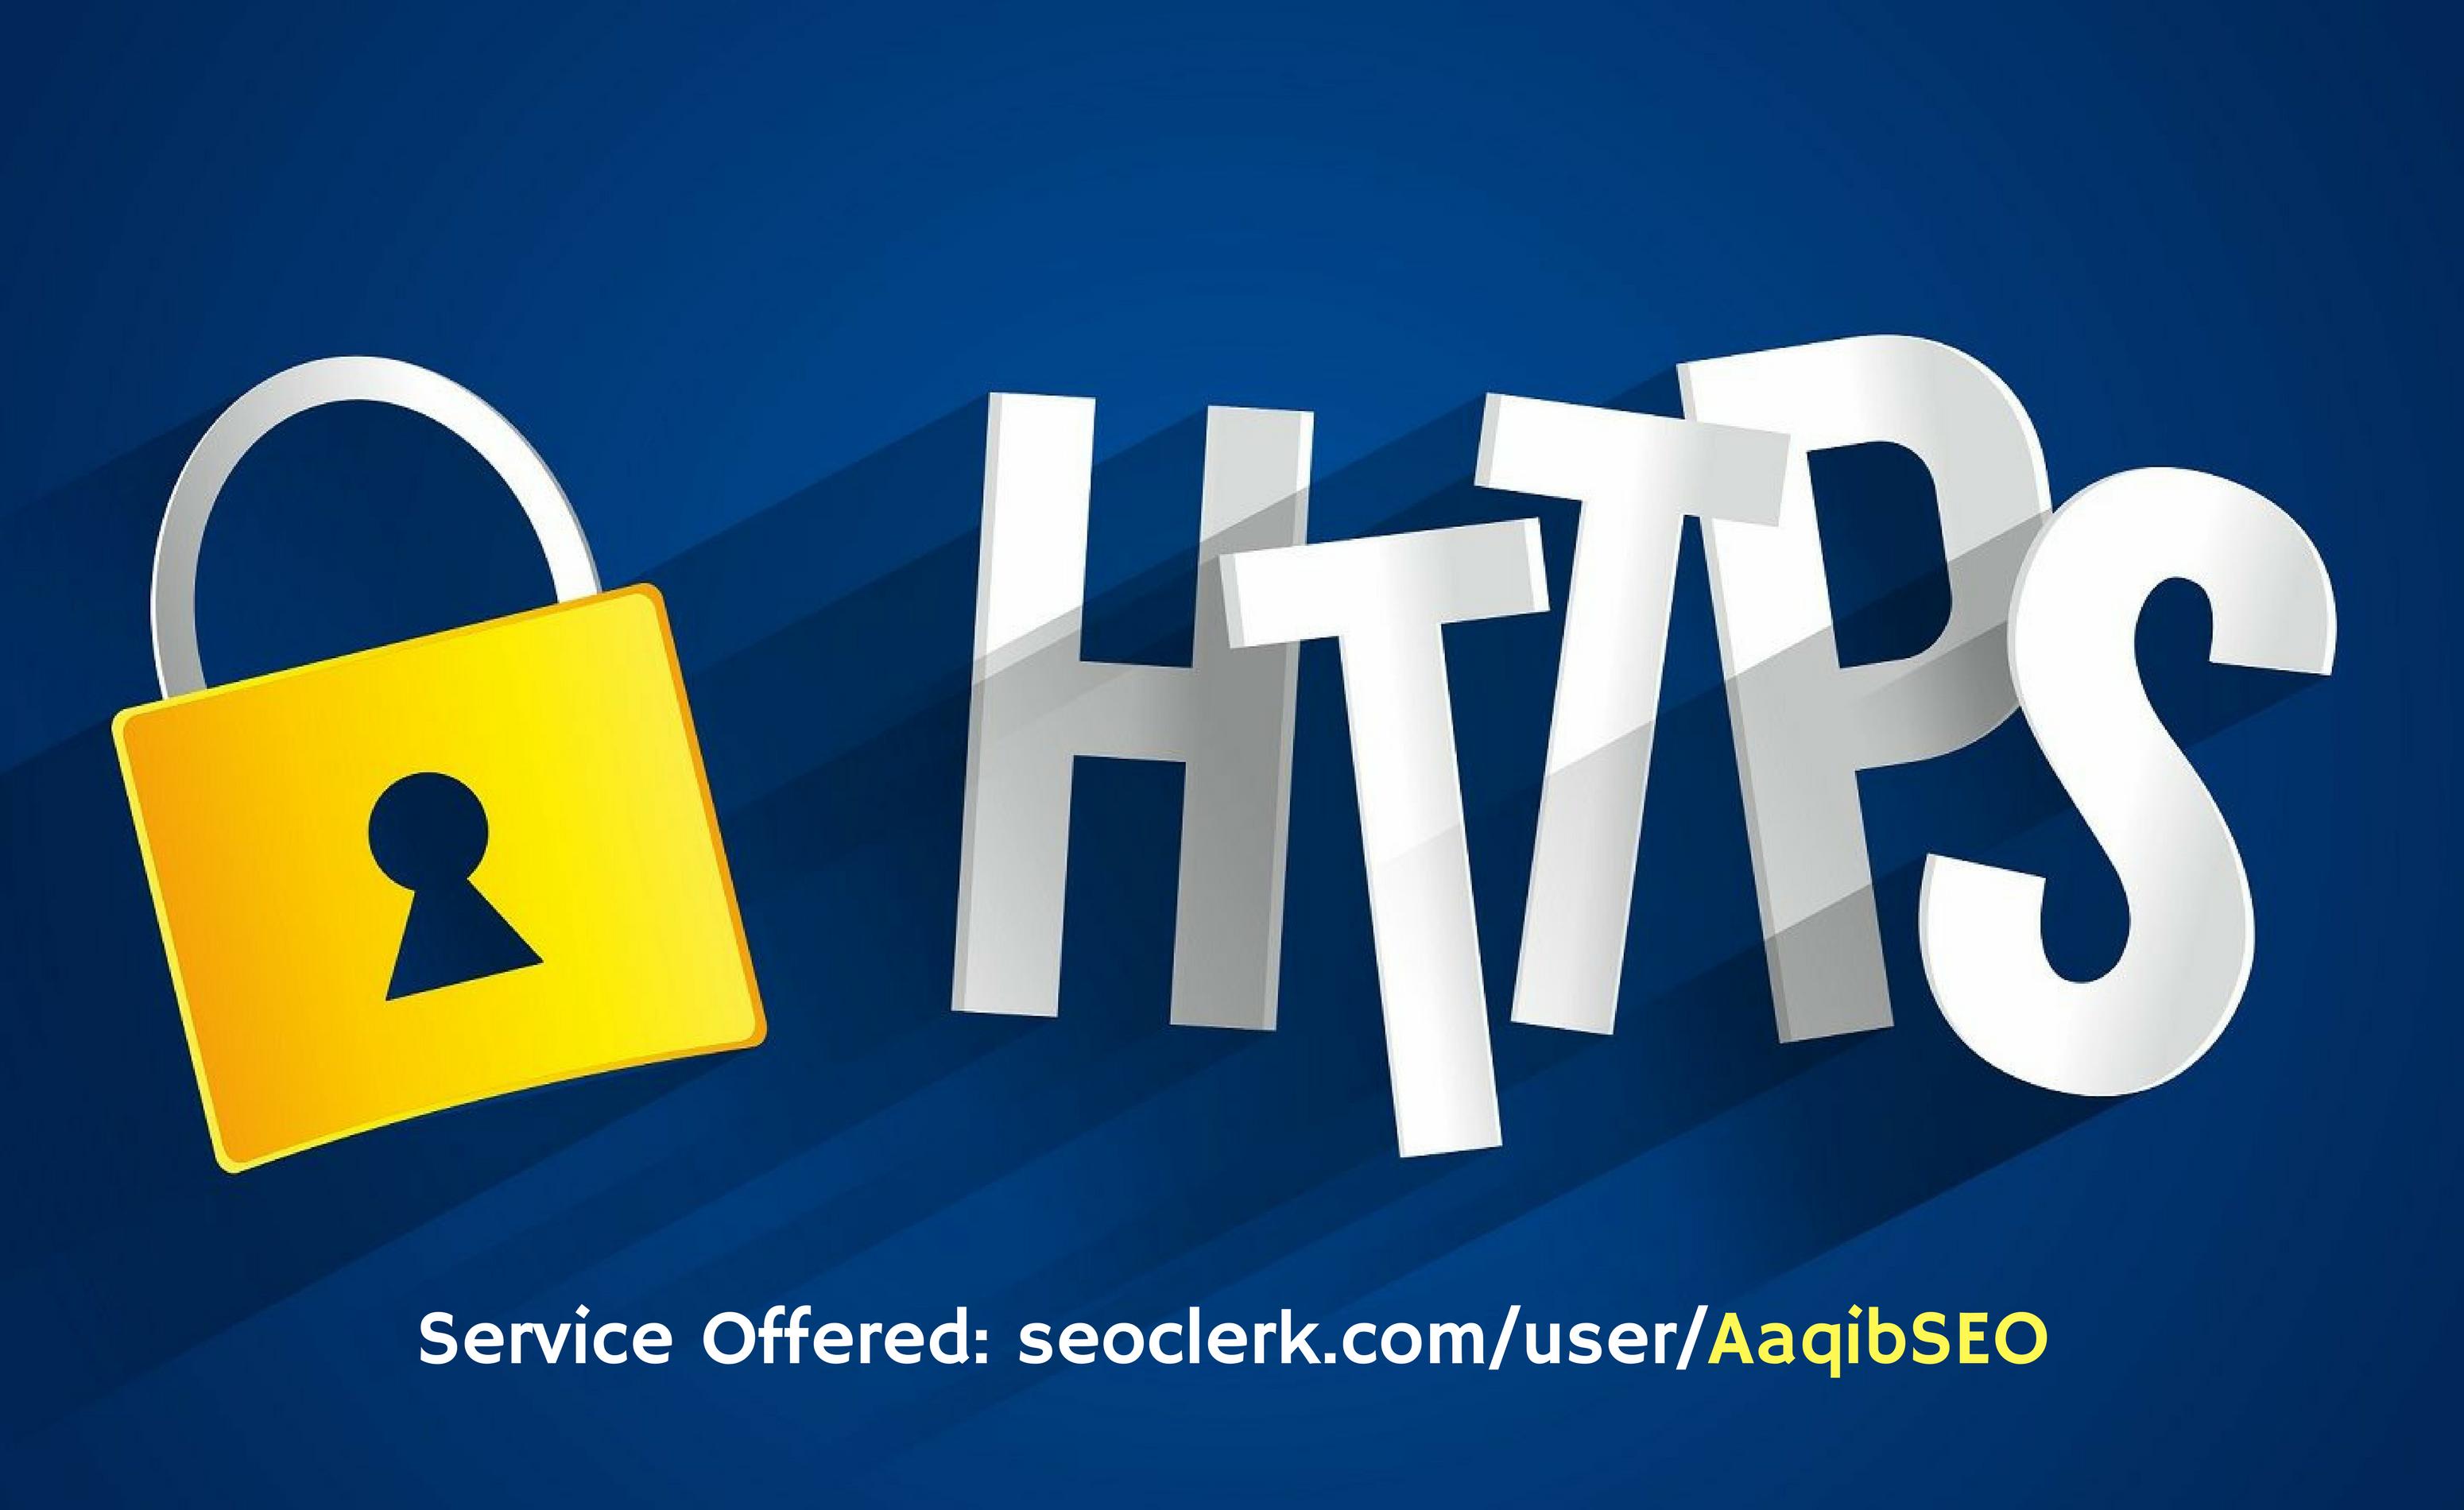 Install Ssl Certificate Https On Wordpress Website For 5 Seoclerks